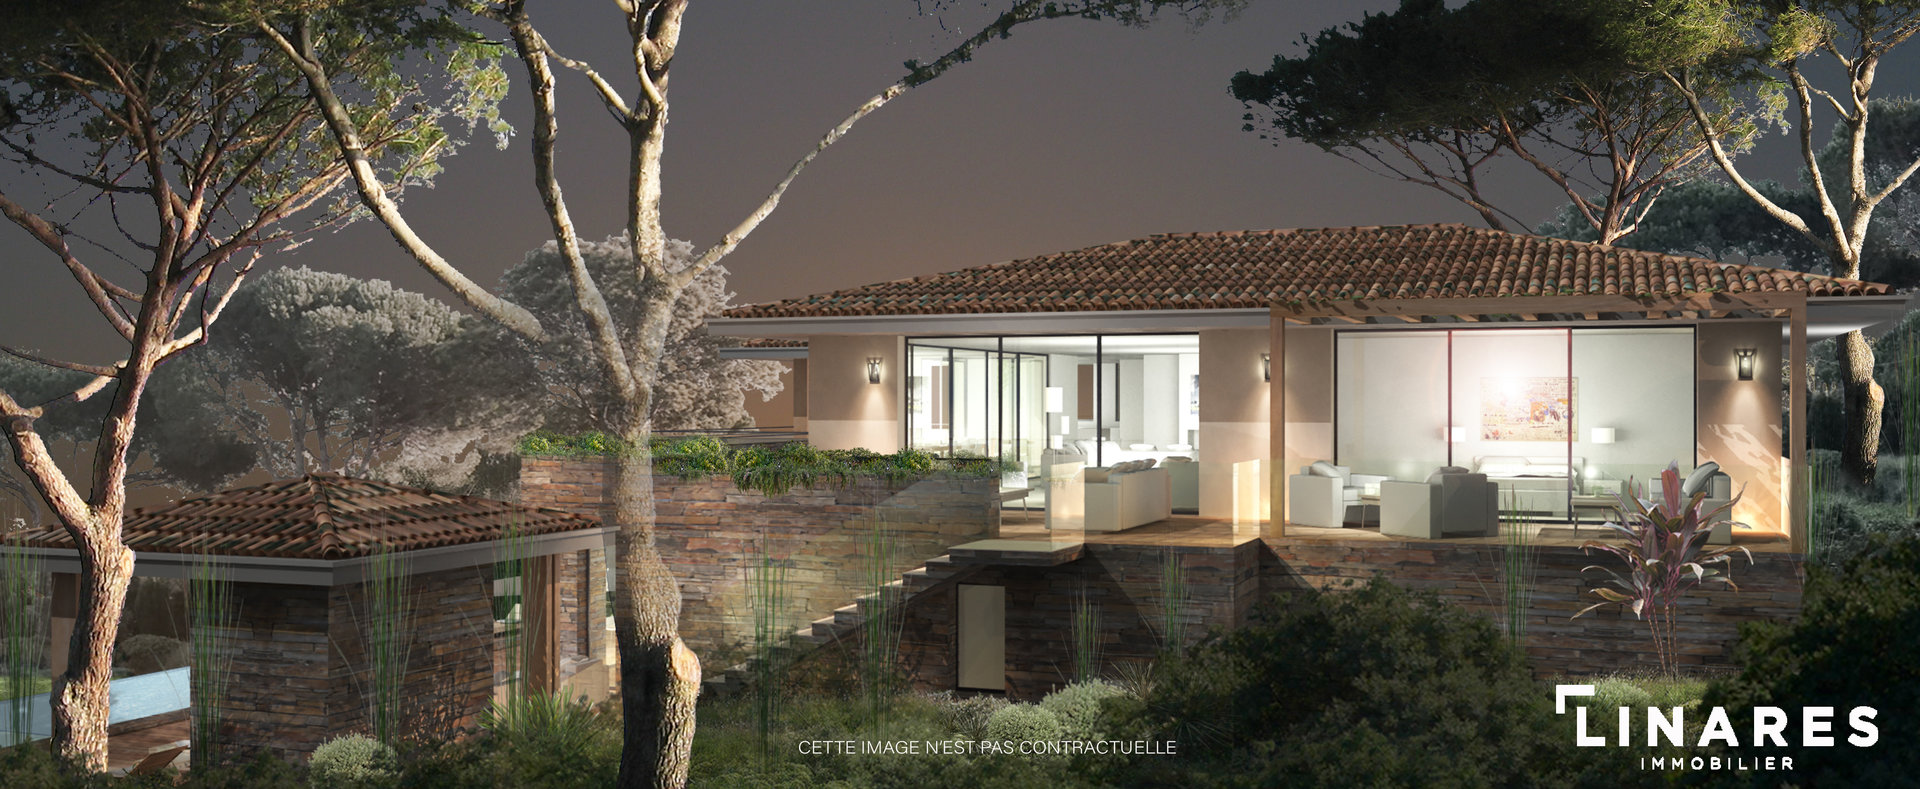 Sale Building land - Saint-Tropez Le Capon